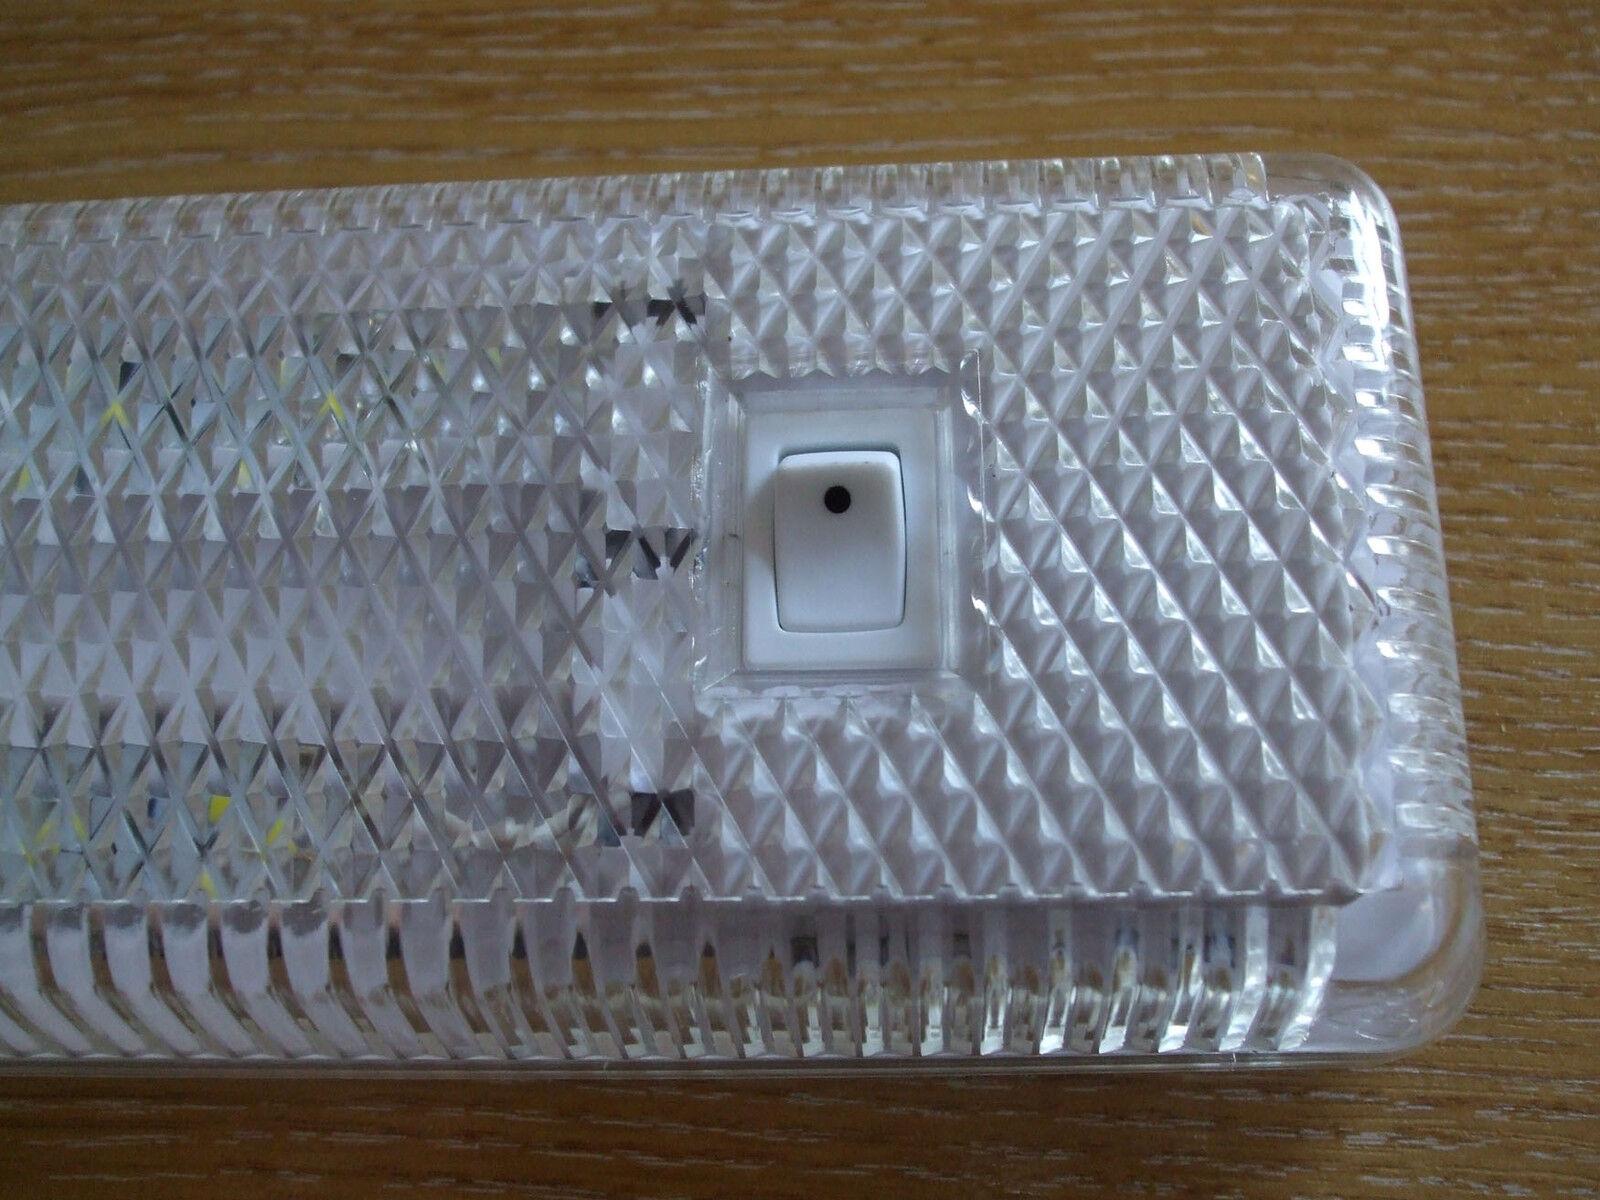 Labcraft' Kl 'LED Trilite 12V 6Watt (2 x 3 3 3 Watt Tageslicht Weiß LED ) klled-24 64a048